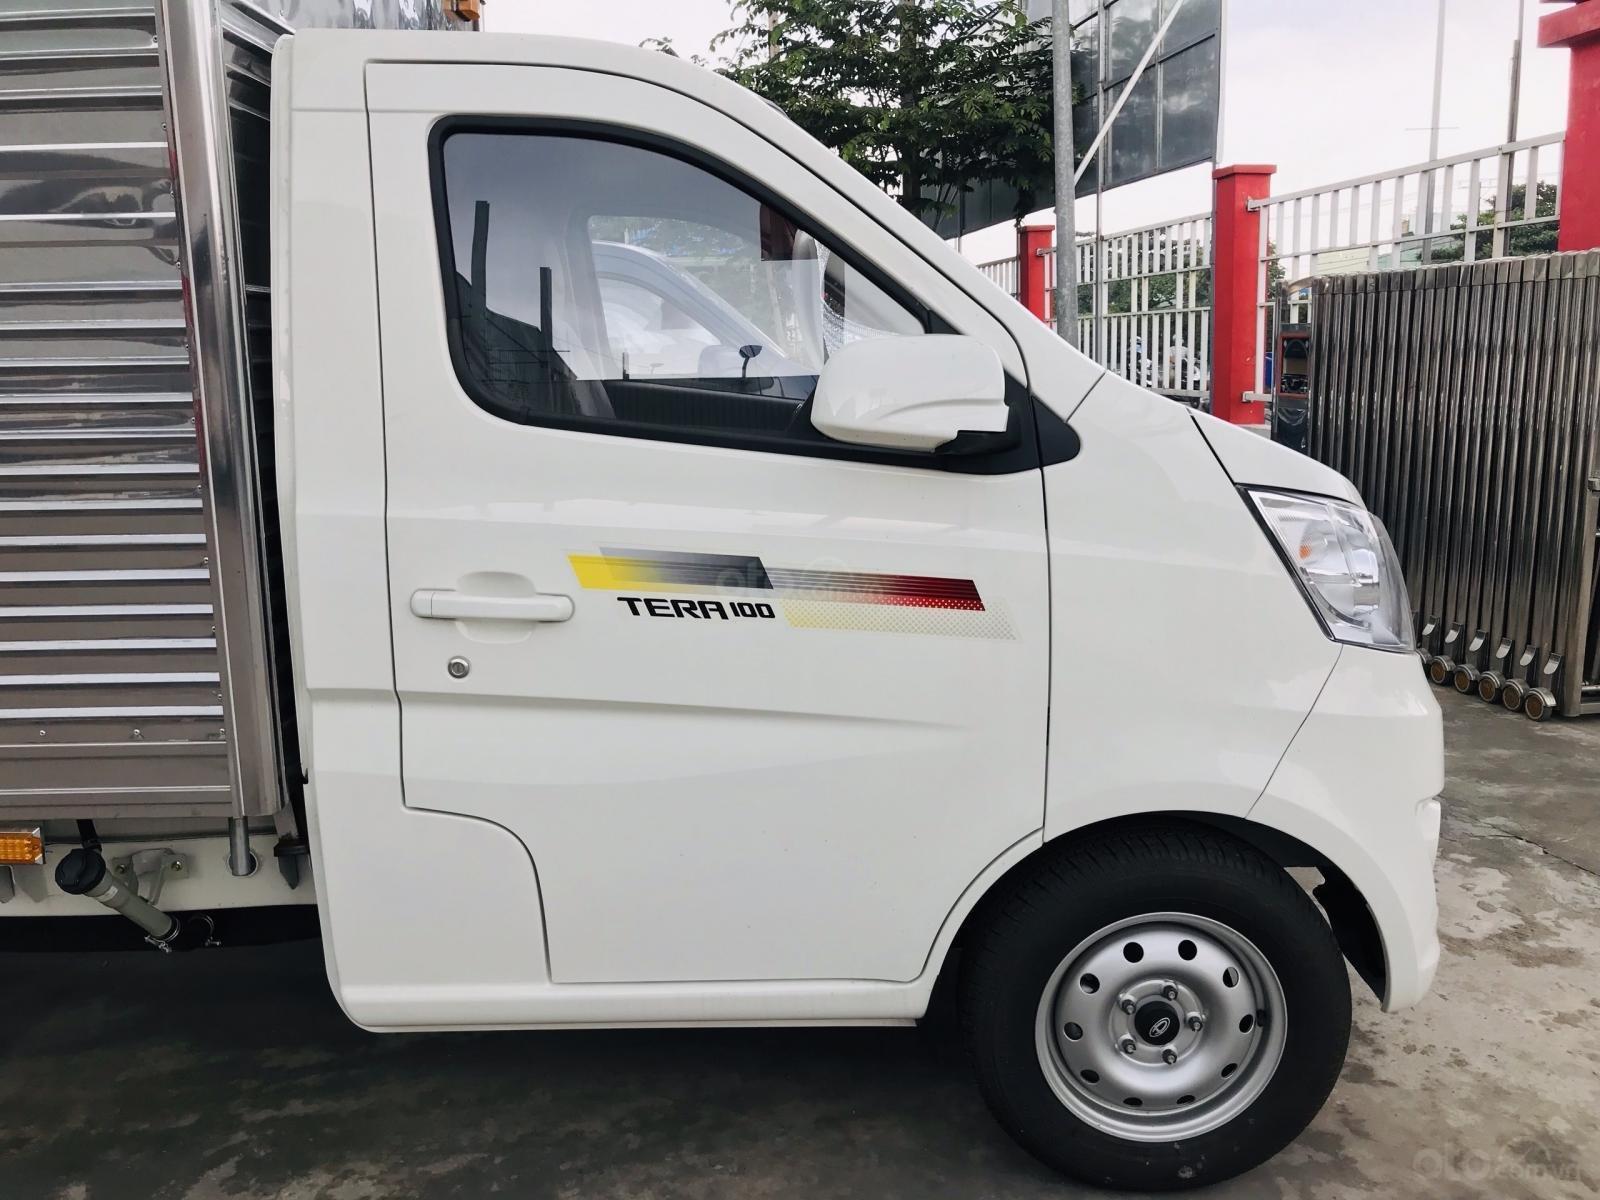 Xe tải nhỏ 1 tấn giá rẻ tại Bình Dương - màu trắng sx 2019 - Khuyến mãi 5 triệu trong tháng 9 (4)